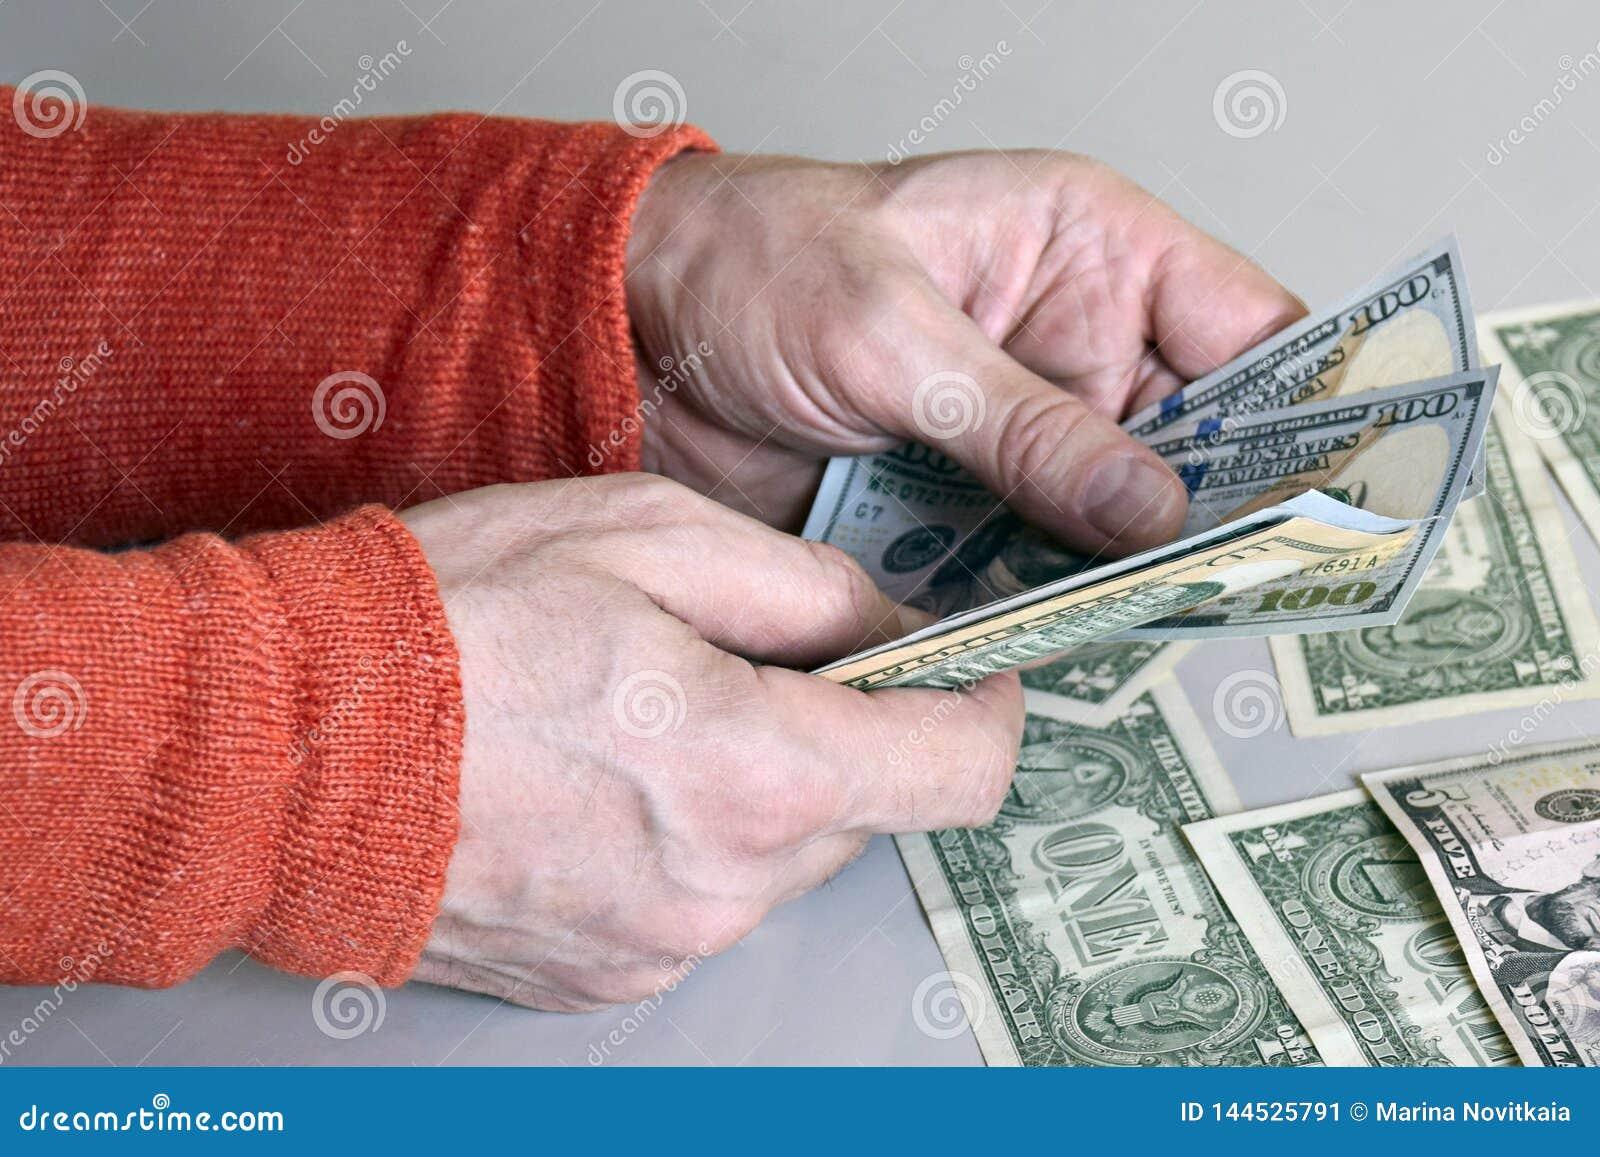 Kaukasische man handen die dollarbankbiljetten tellen